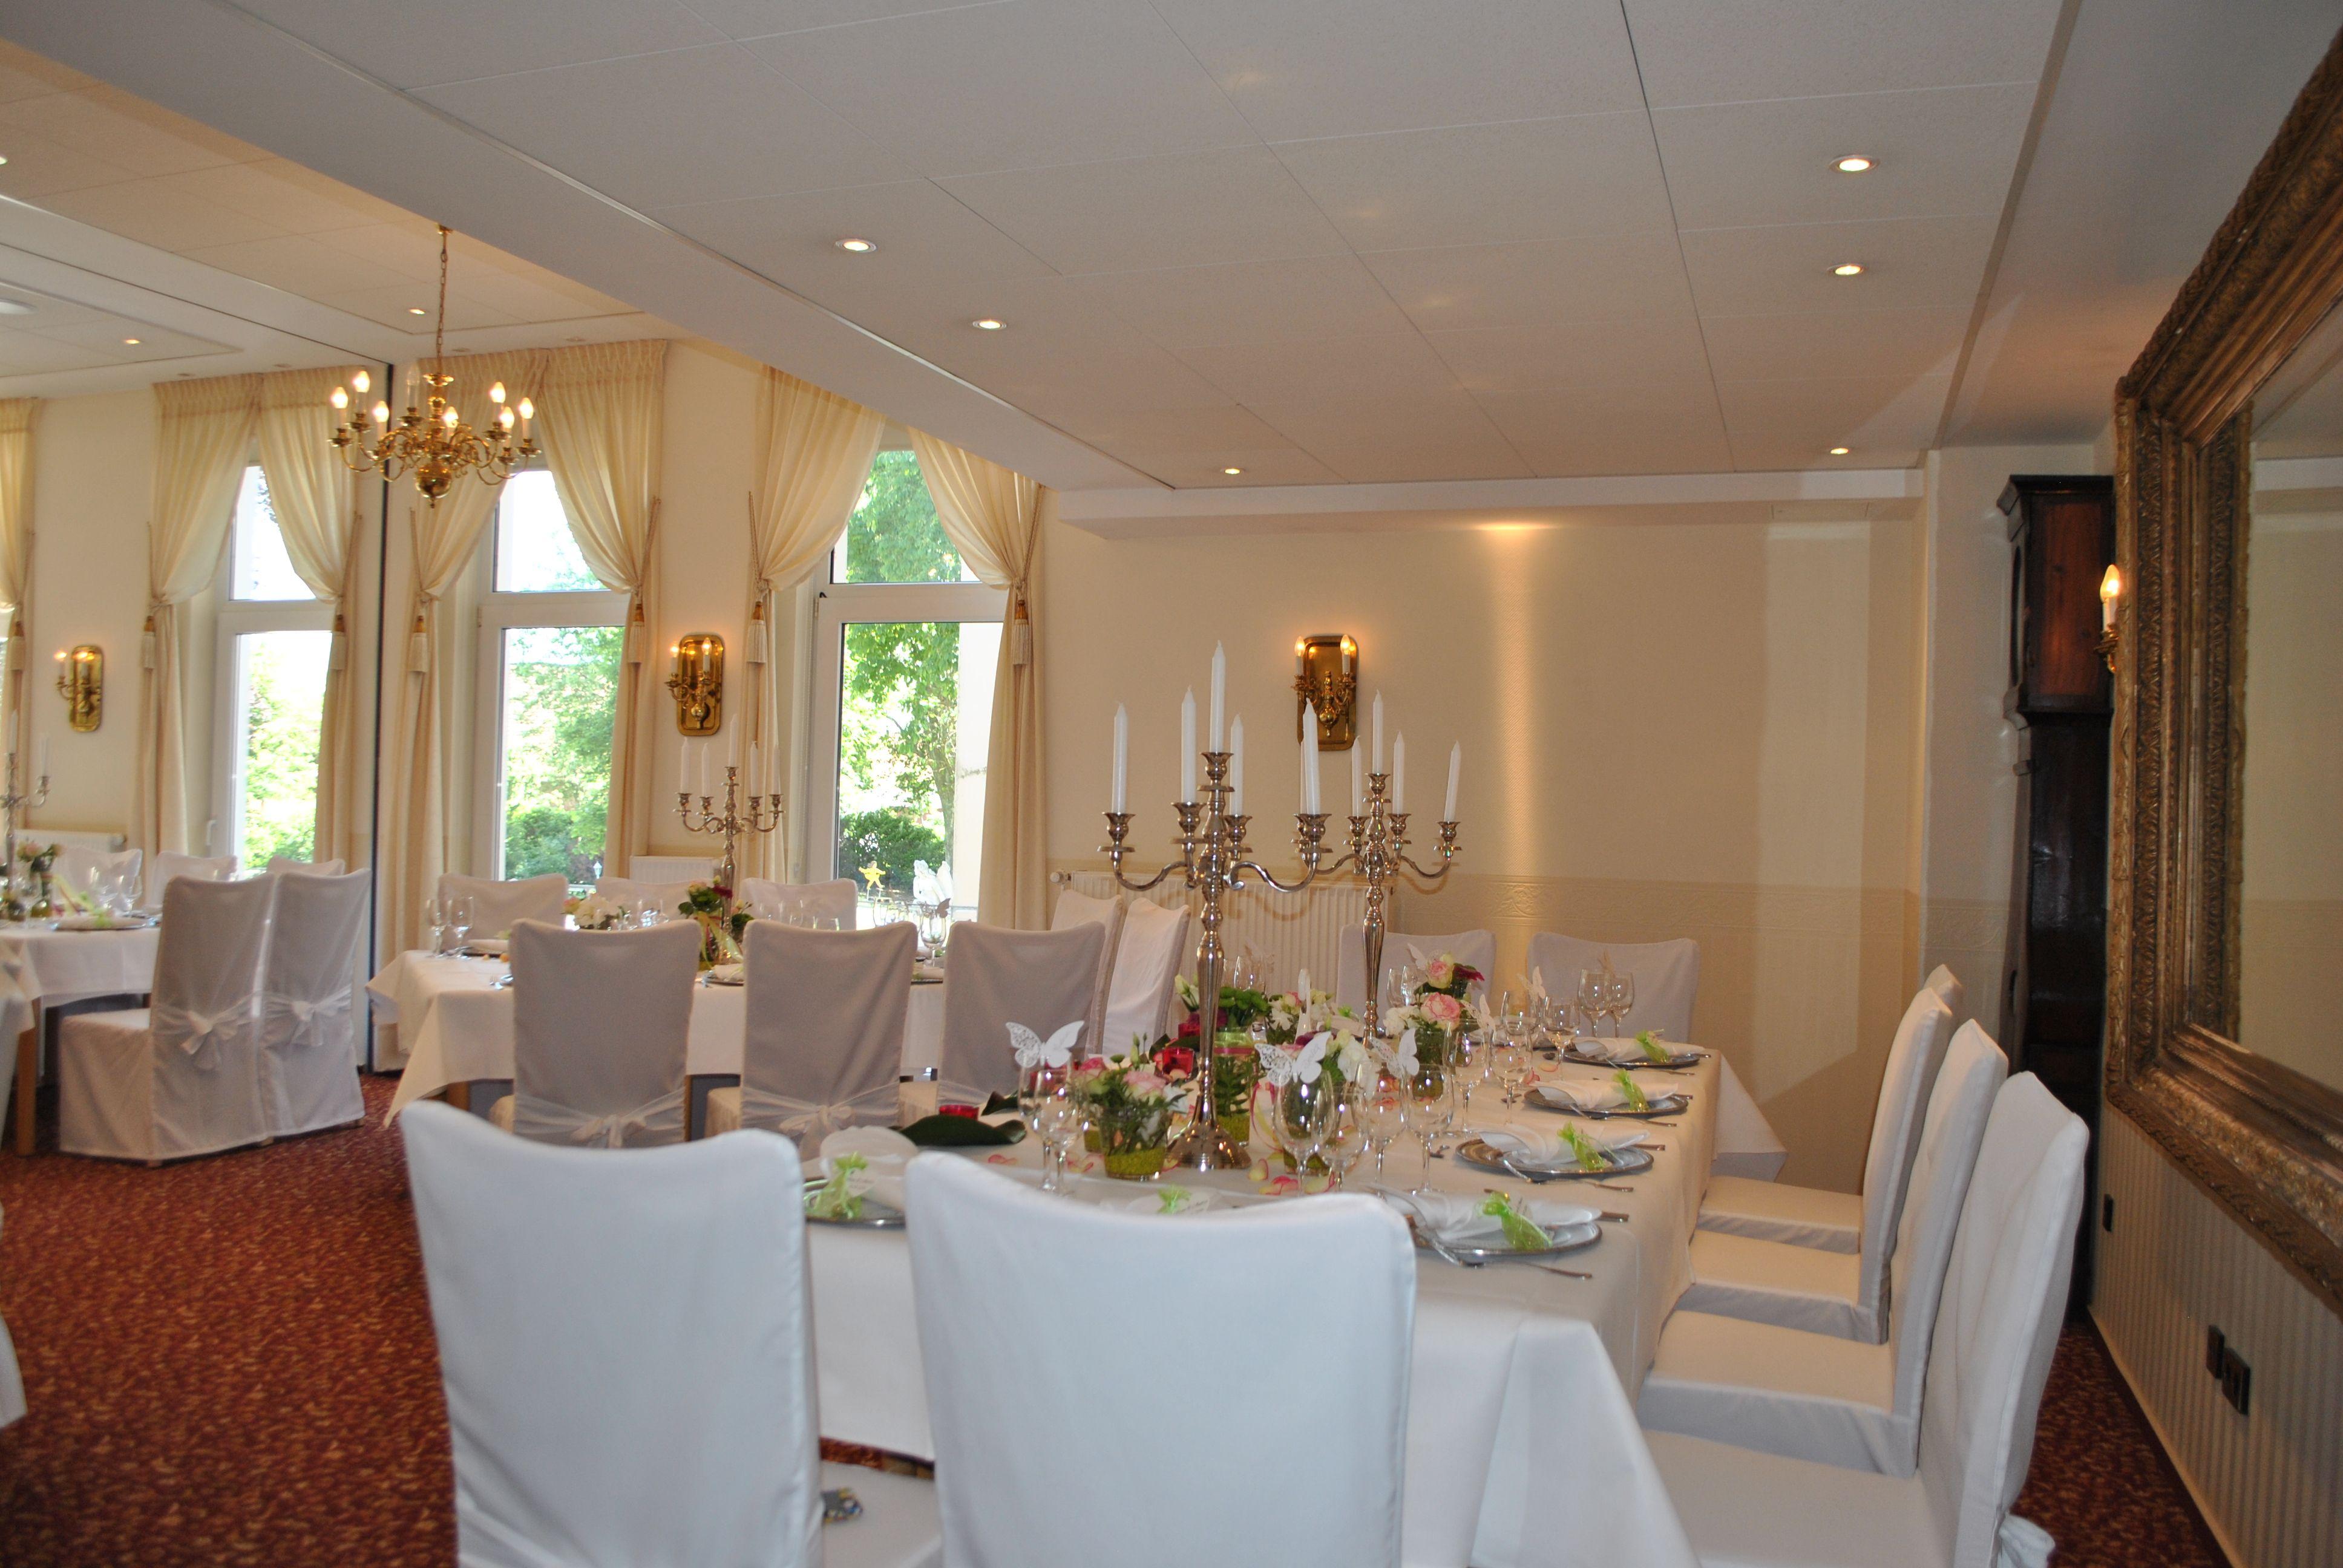 Raumlichkeiten Fur Hochzeiten Bis 120 Personen Silberteller